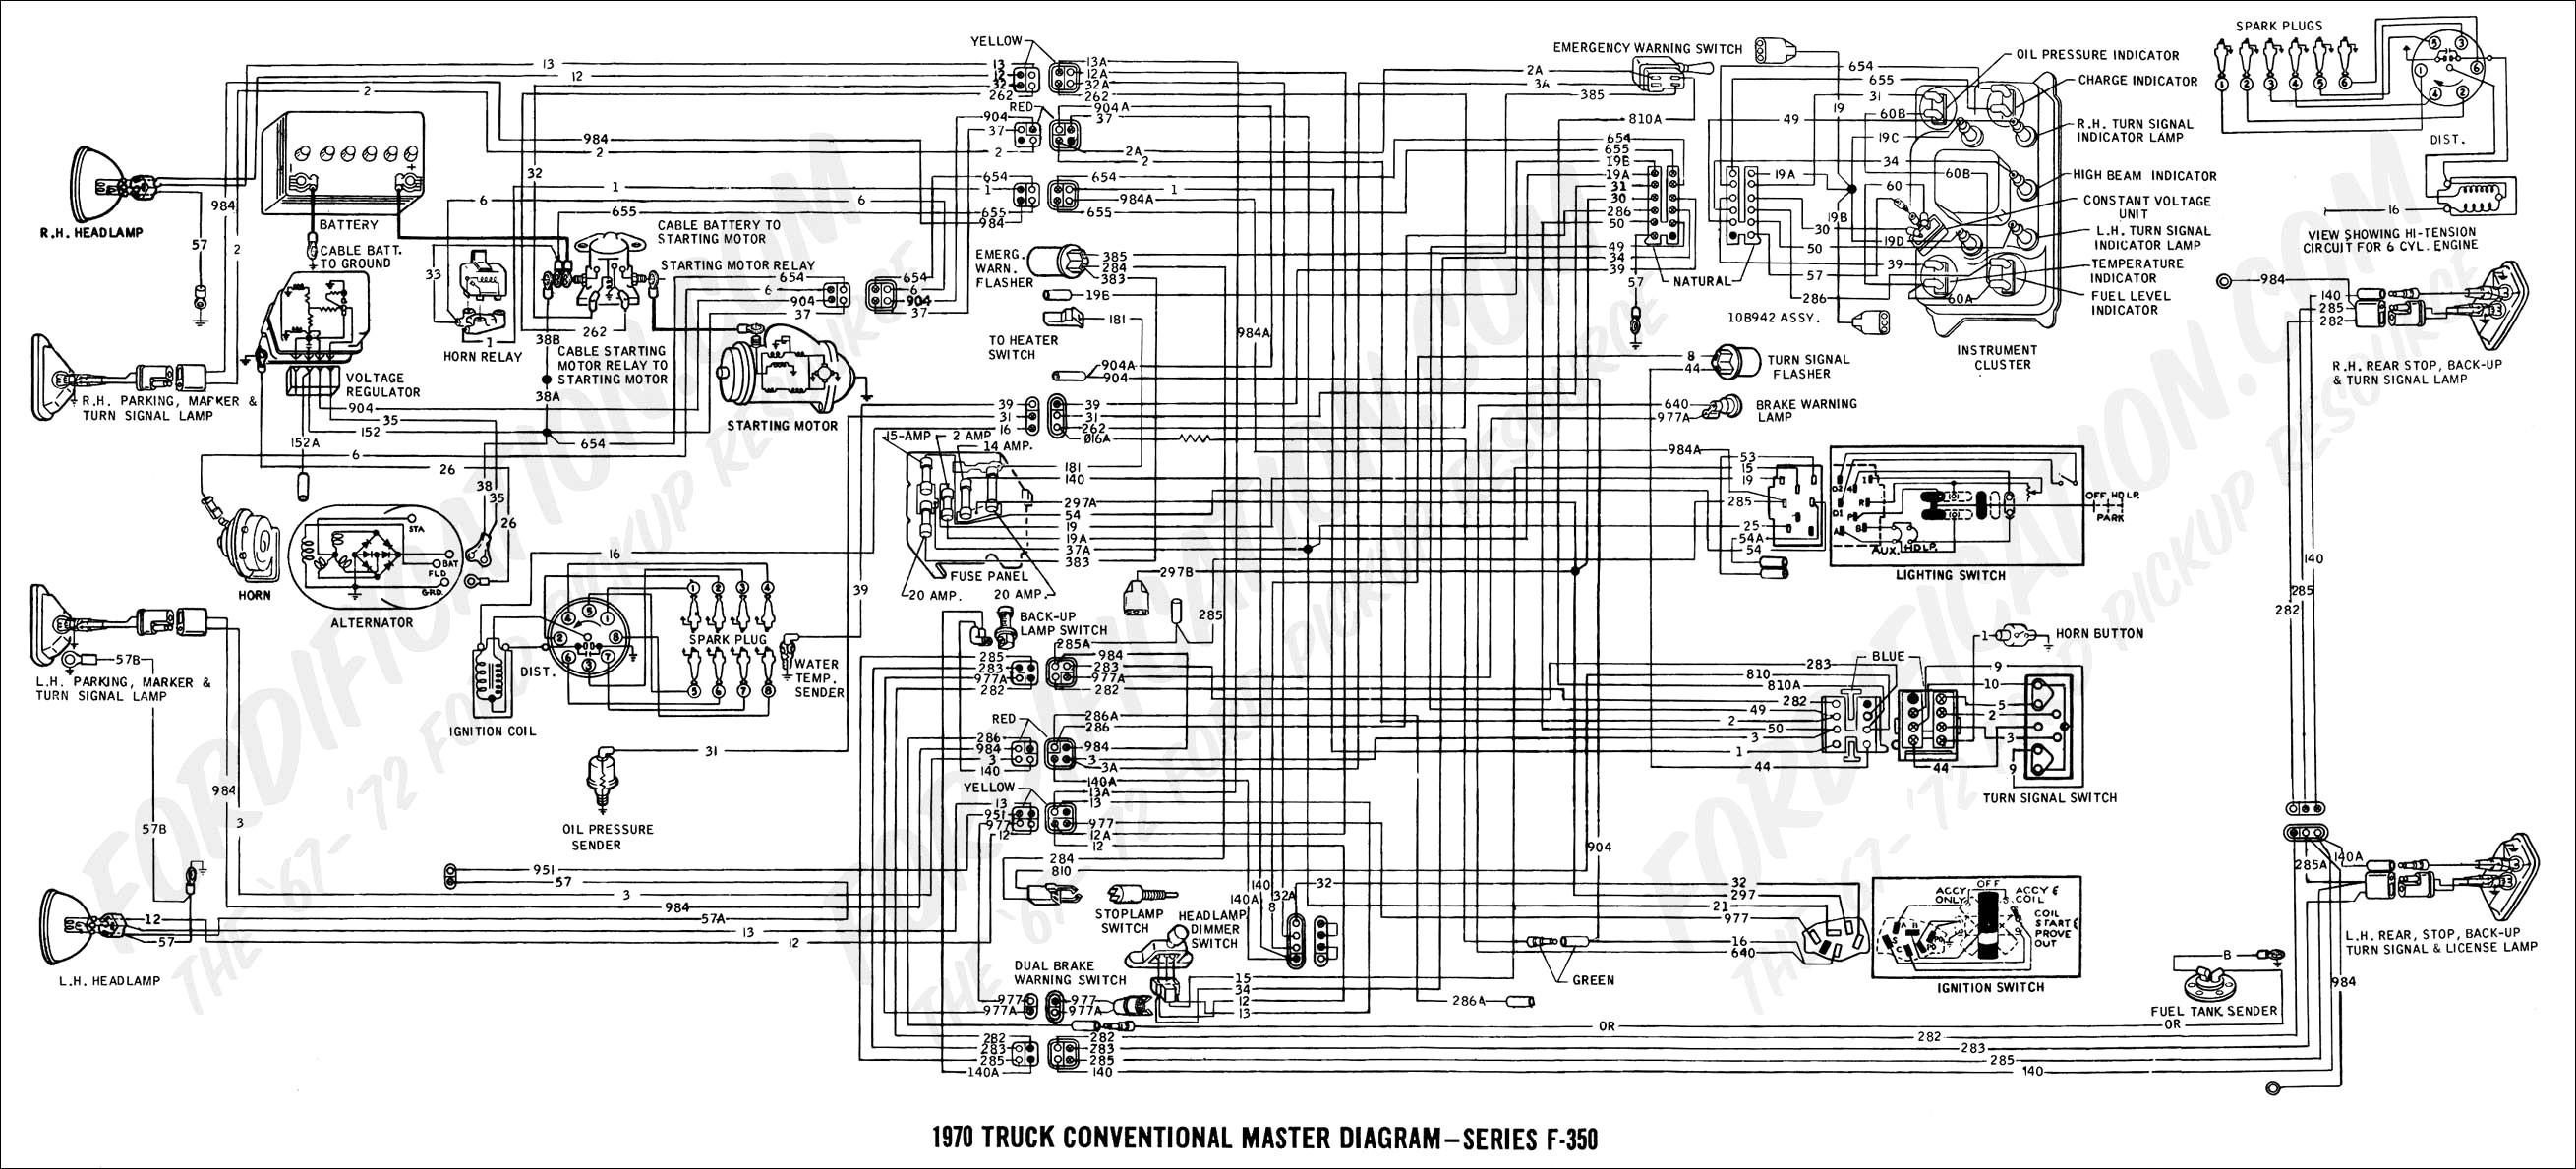 Free Engine Rebuilding Diagrams - Basic Wiring Diagram •